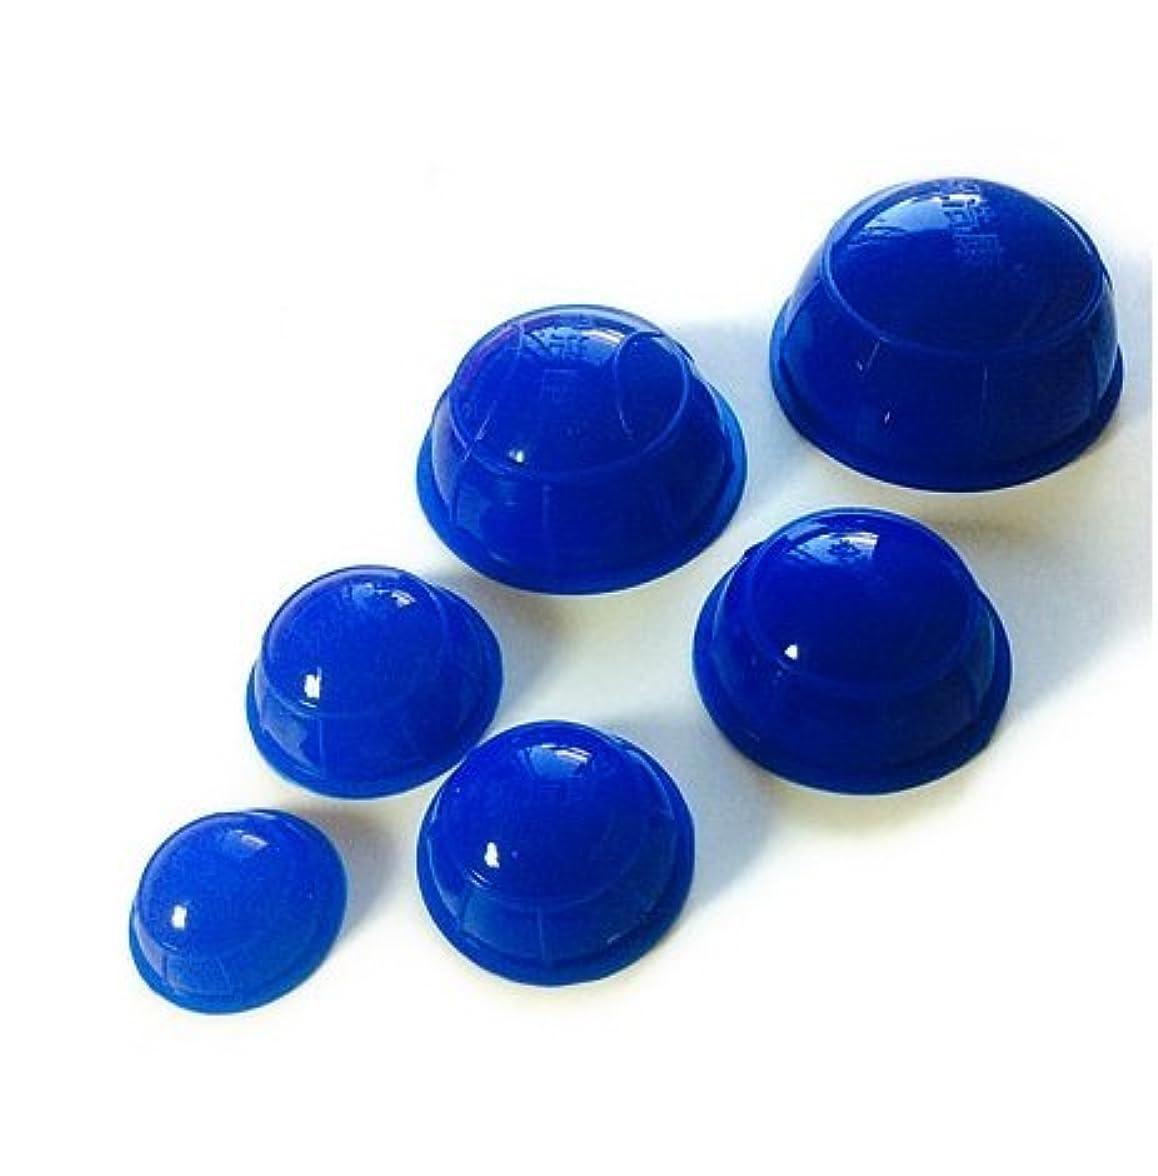 過敏な花瓶収入簡易 吸い玉6個セット ブルー 大中小5種類の大きさ